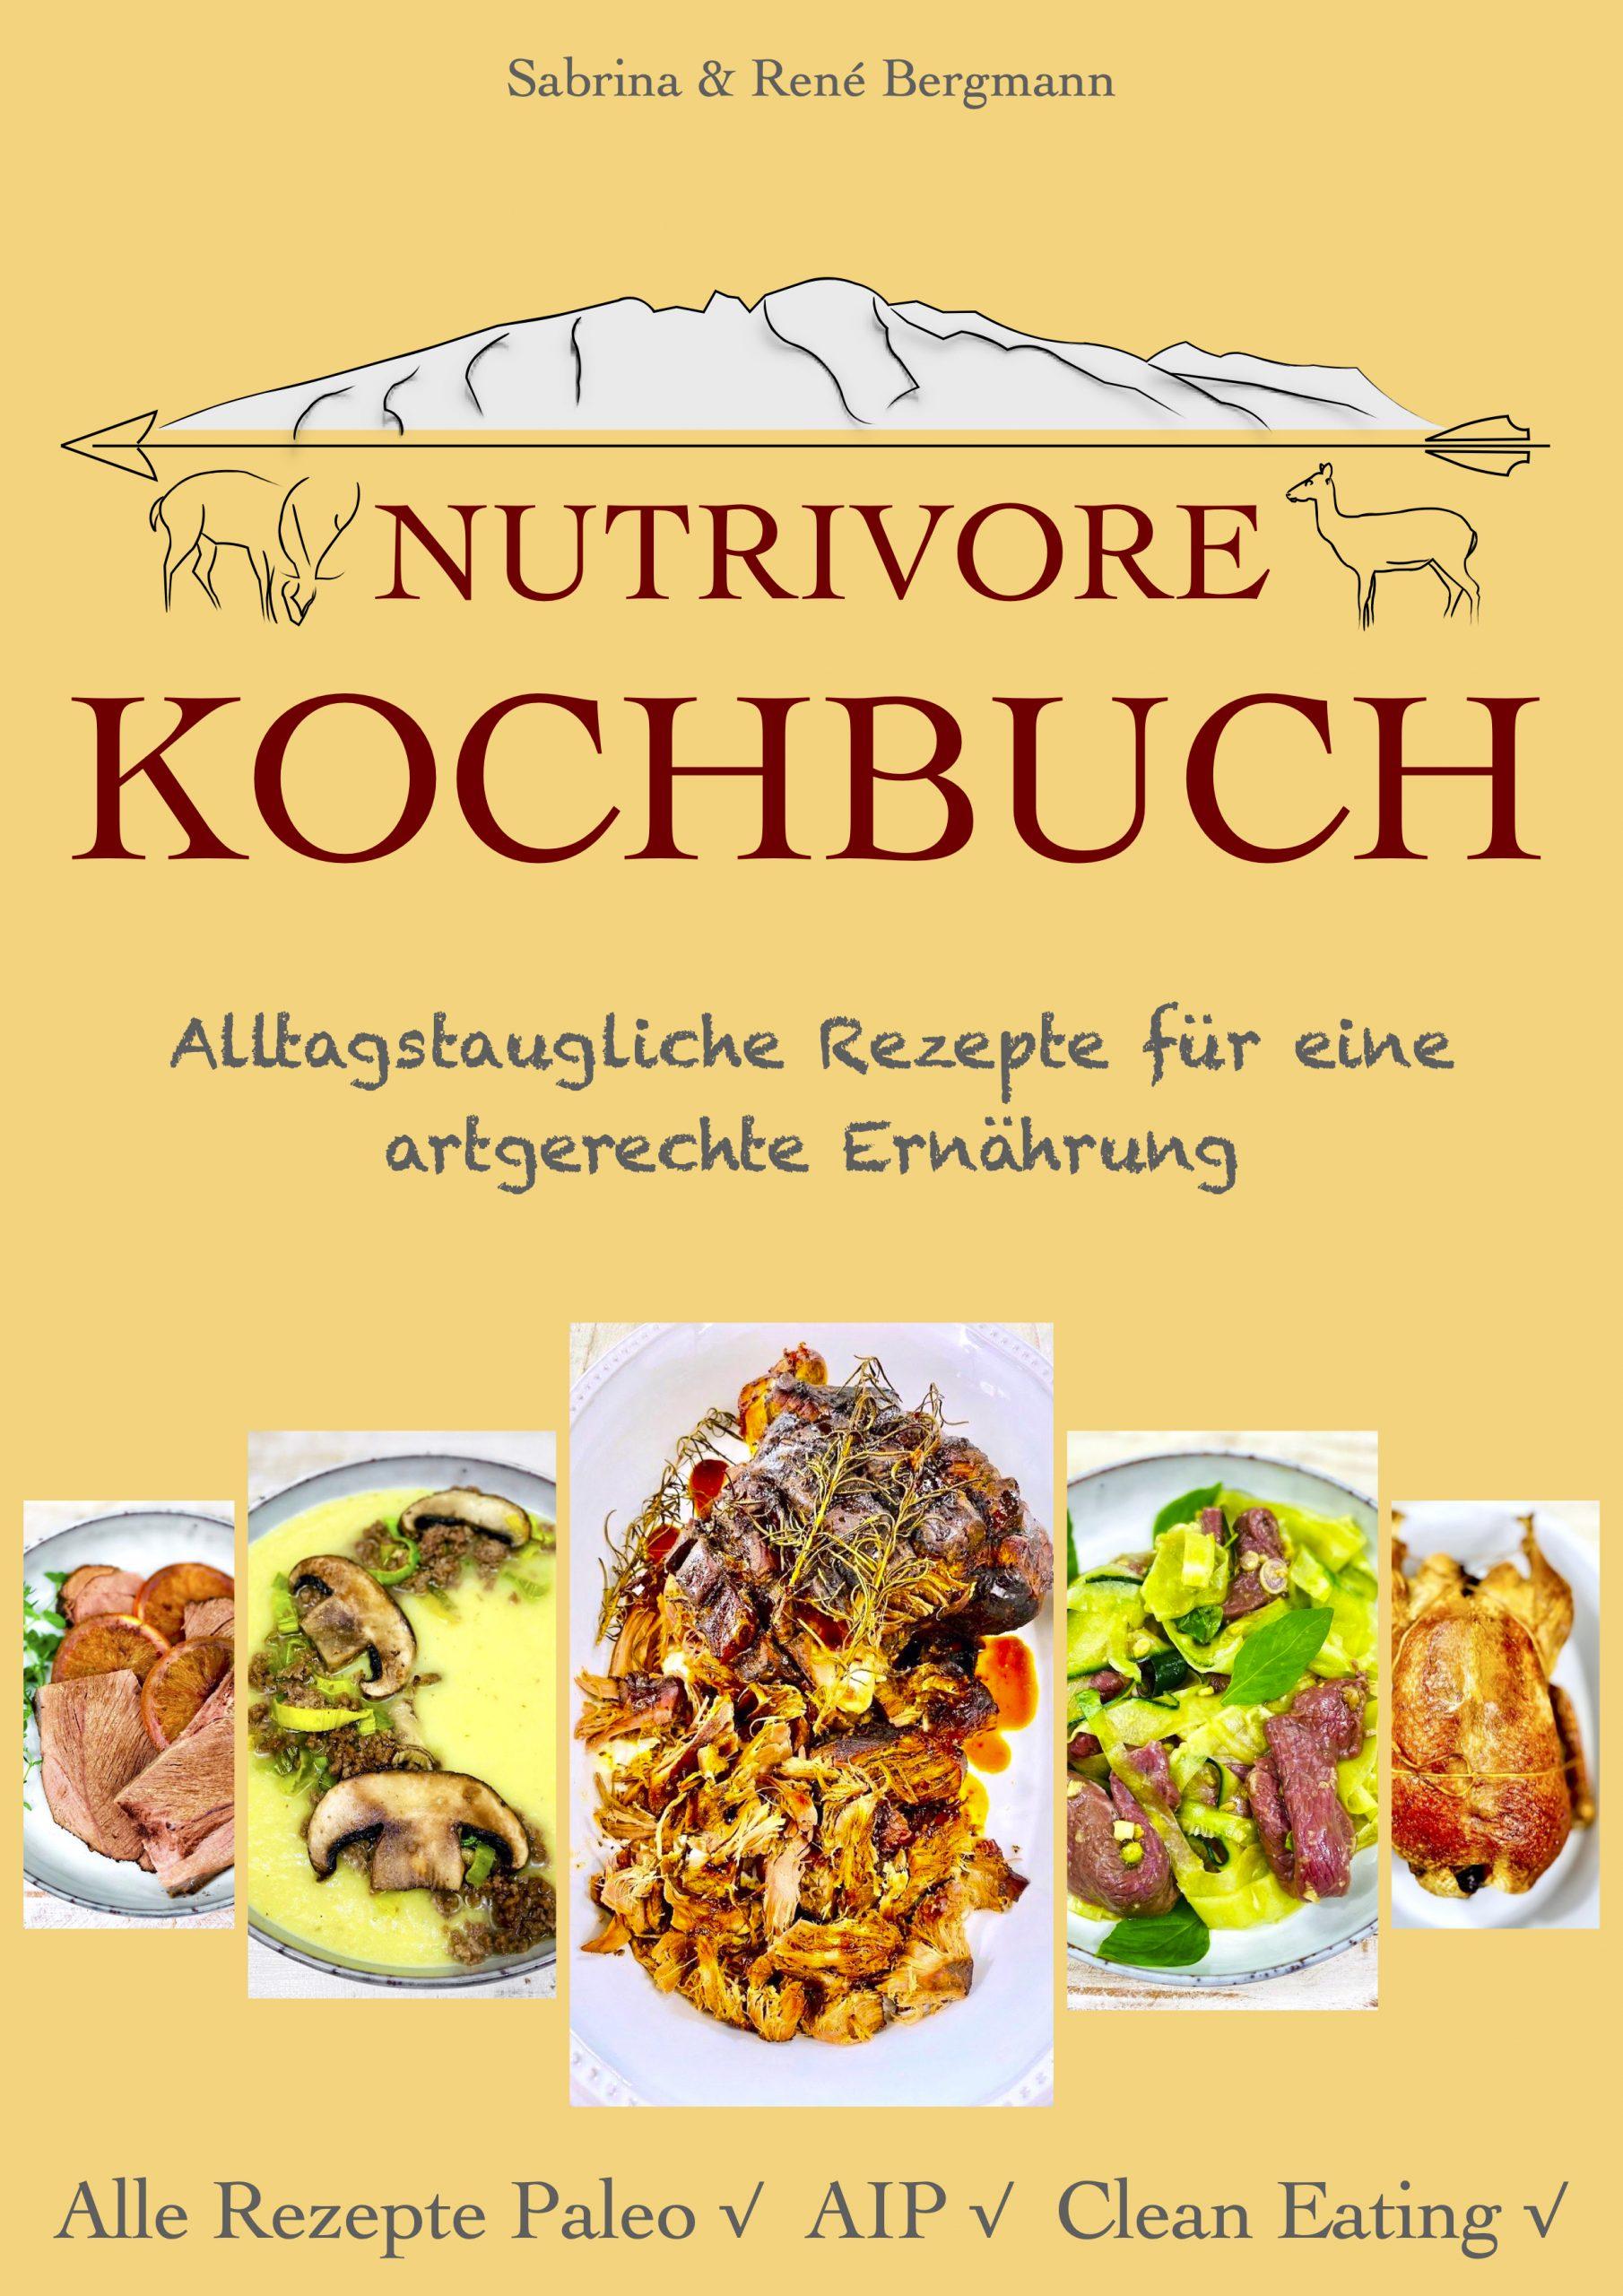 Artgerecht und alltagstauglich Kochen mit dem Nutrivore Kochbuch.